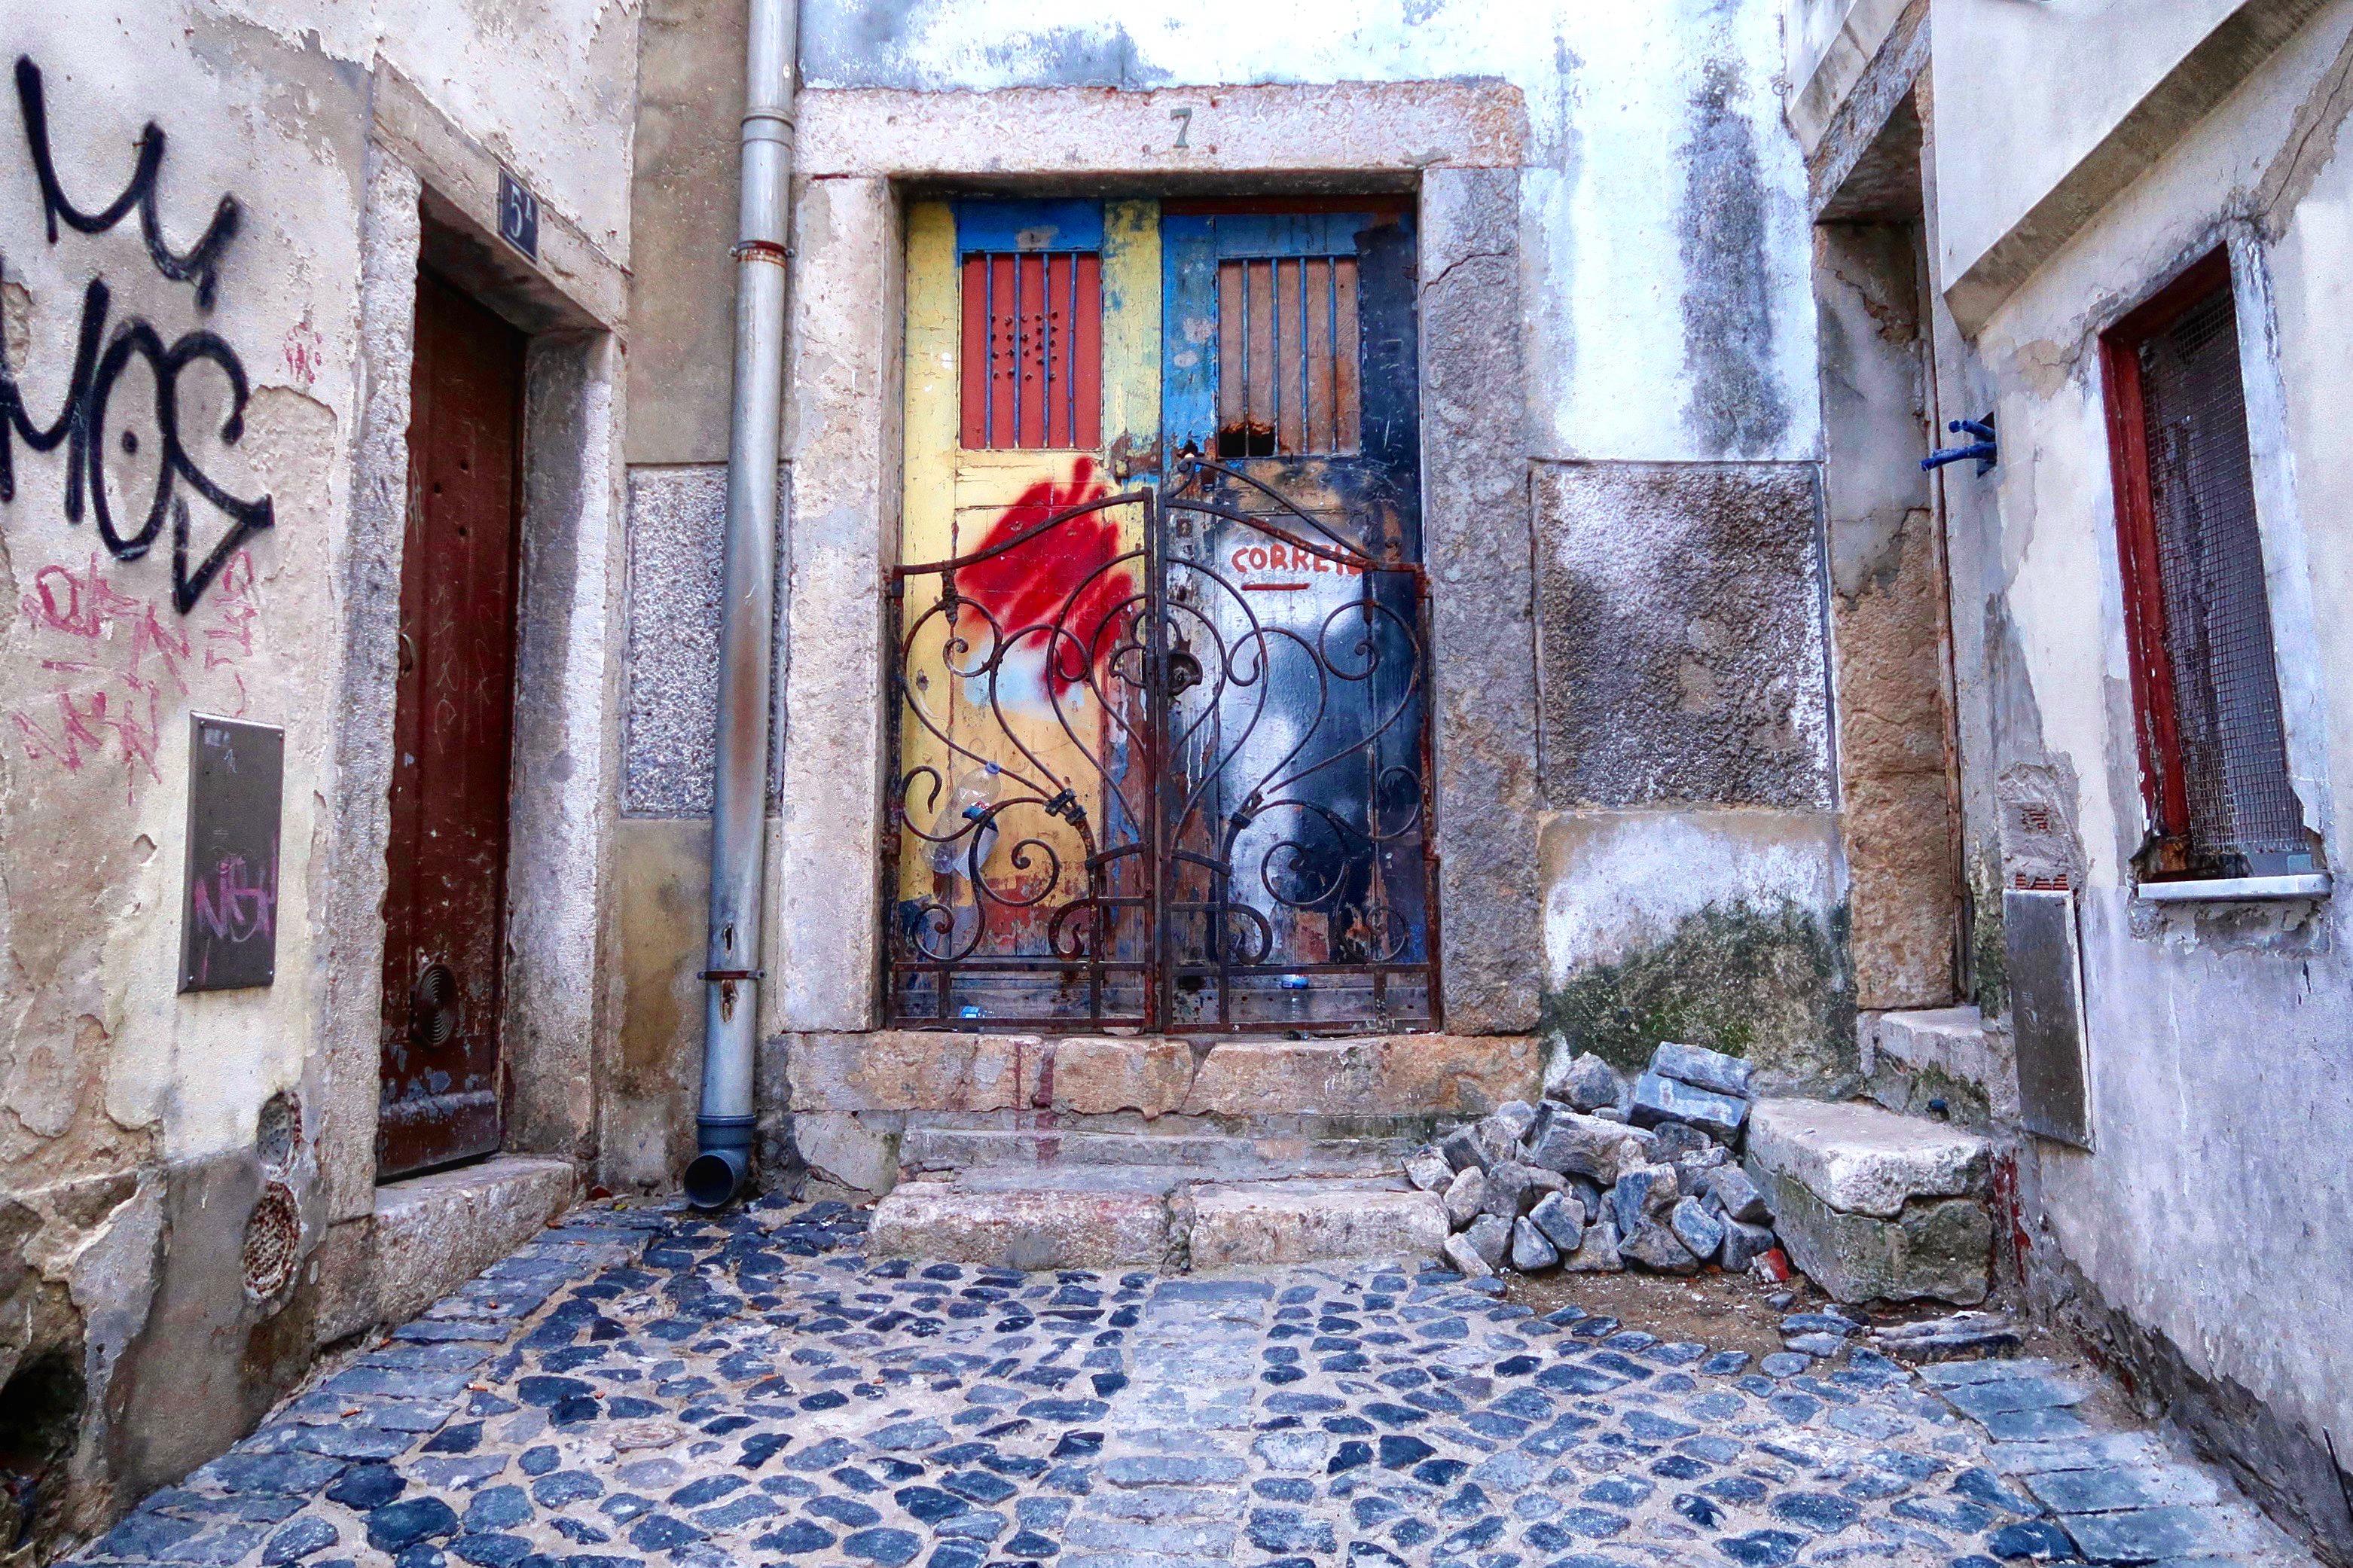 Doorway, Lisbon